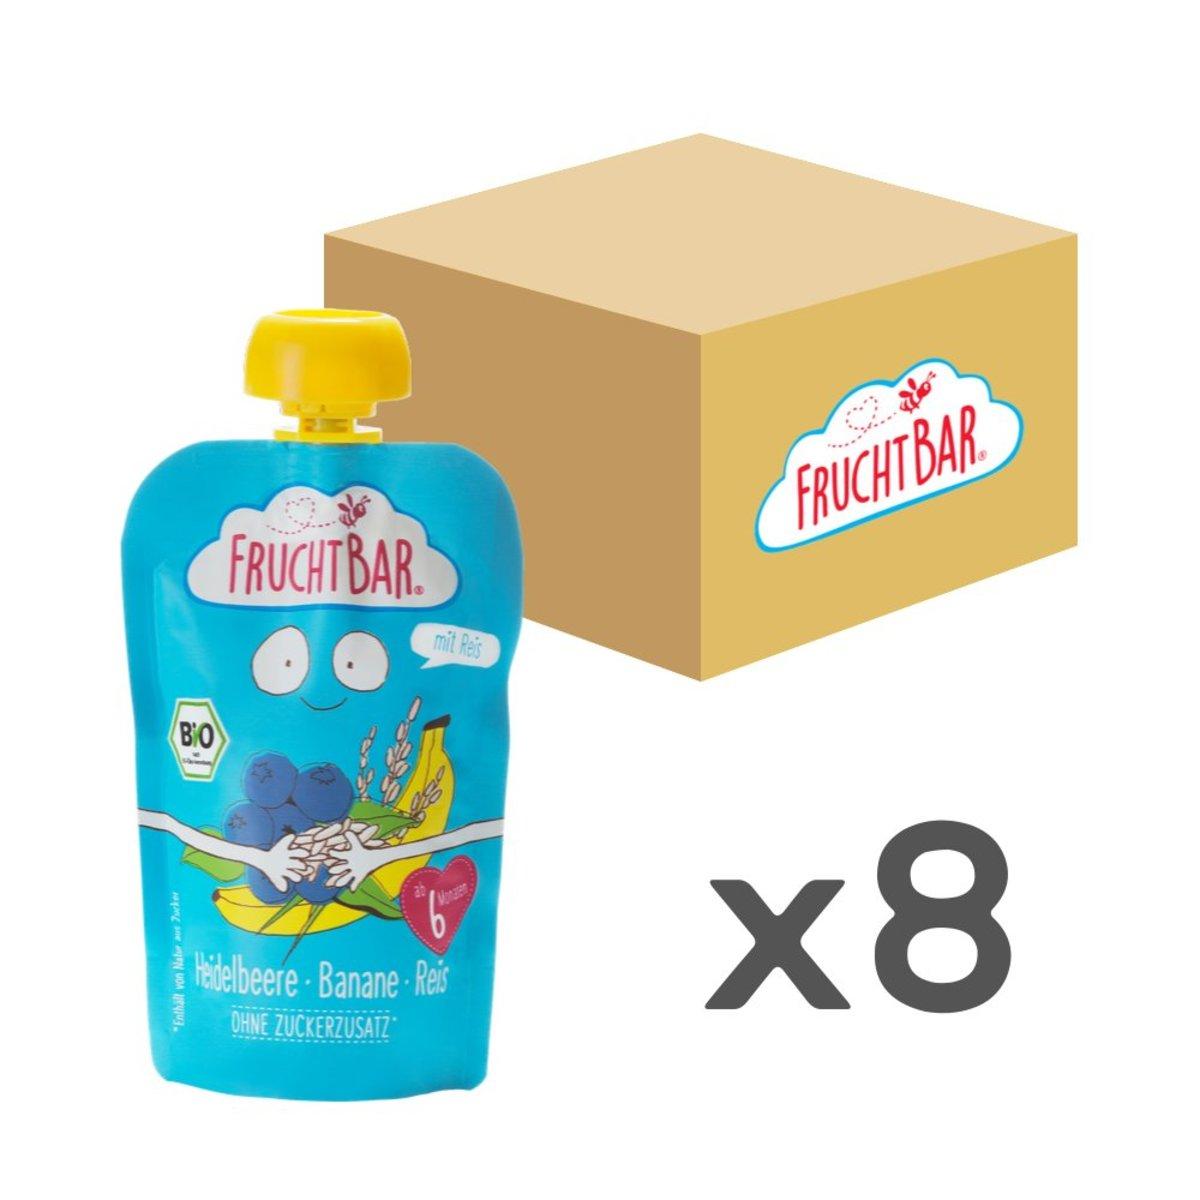 [原箱] 有機穀物果蓉 - 藍莓香蕉白米 100g x8